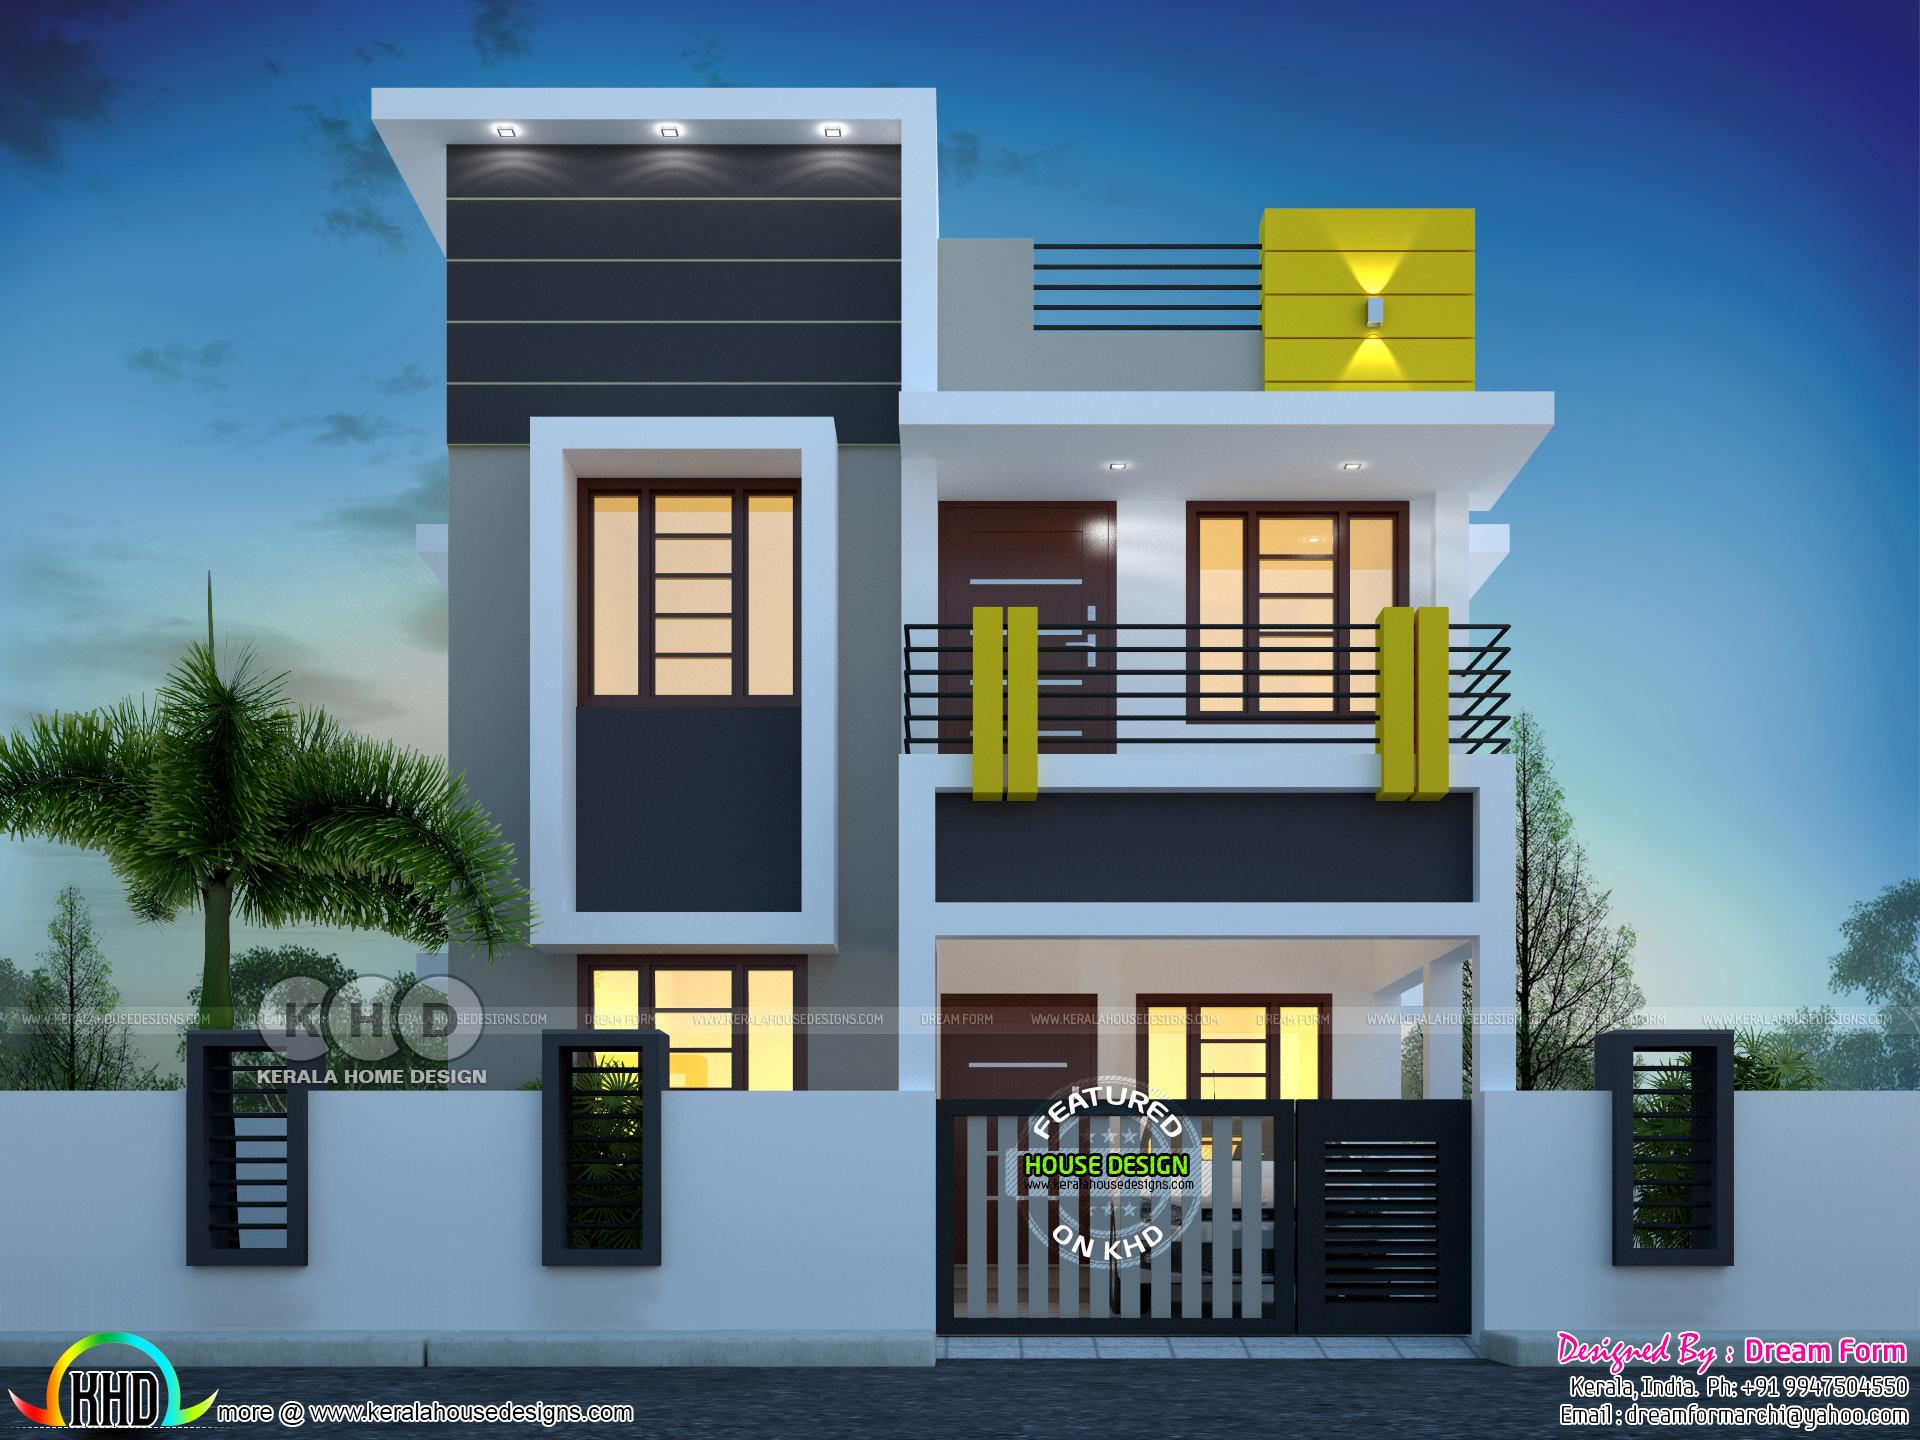 3 Bedroom 1400 Sq Ft Cute Budget Home Design Kerala Home